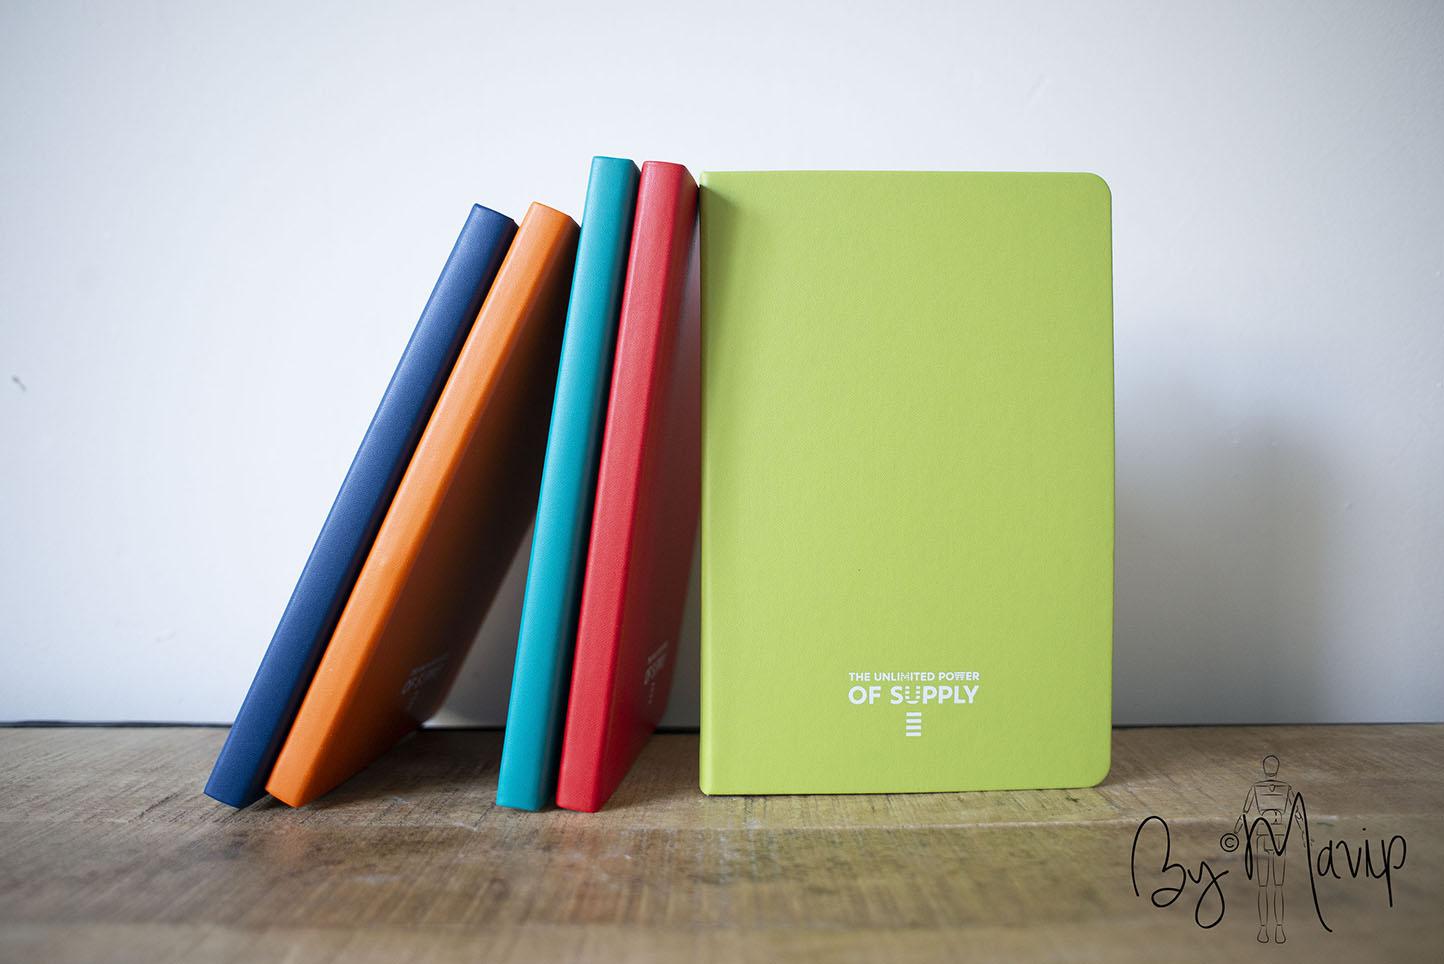 Carnets personnalisés pour Sephora par Mavip